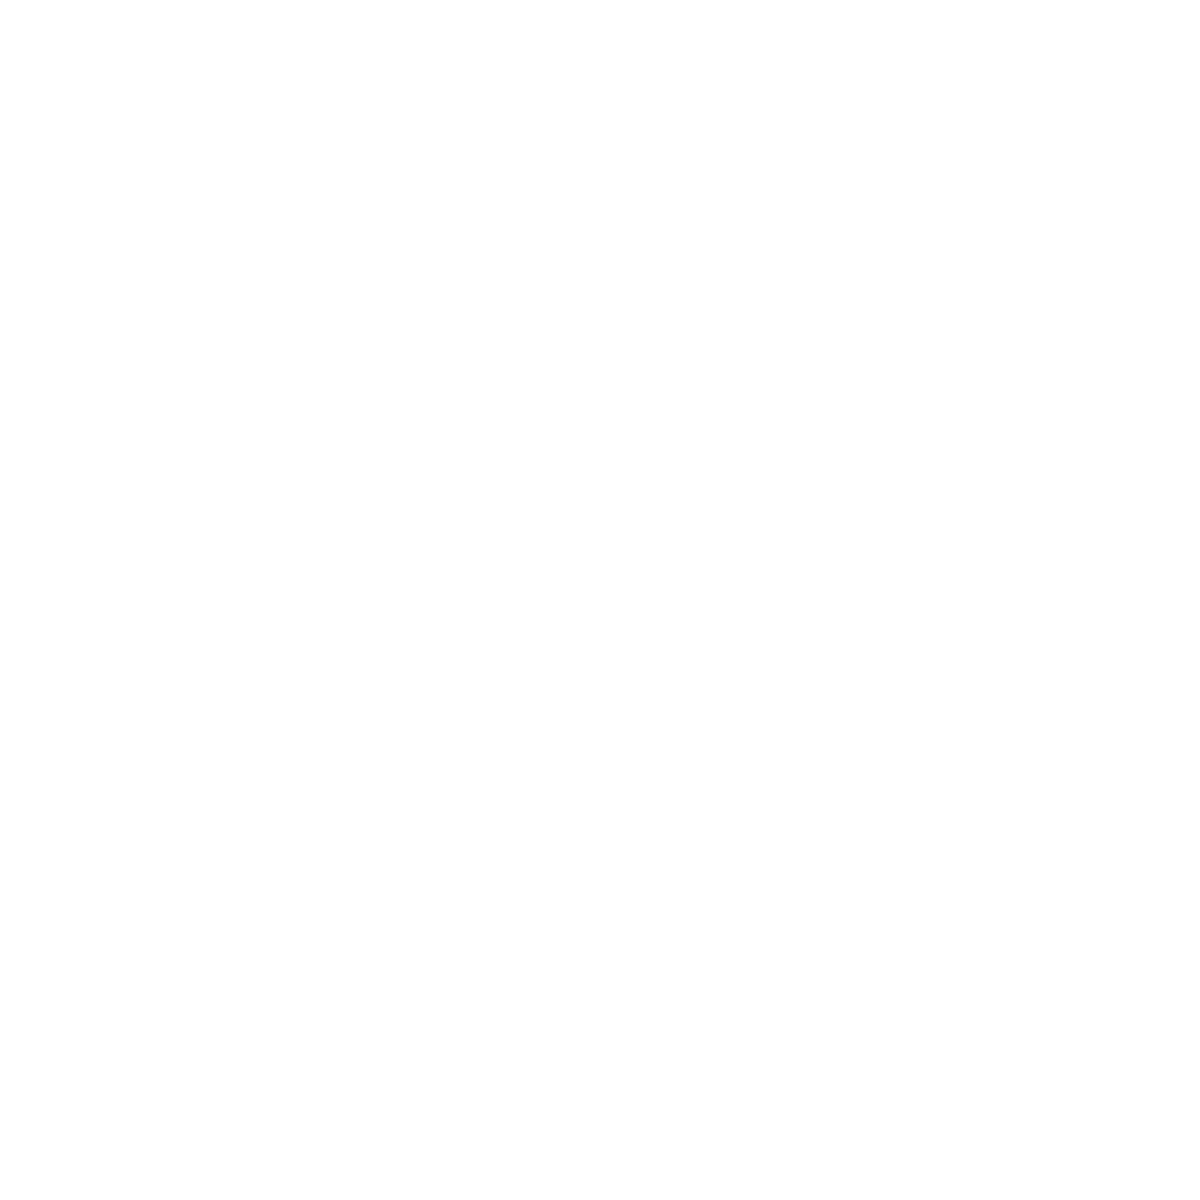 Alexandra Noyalet, Photographe mariage, famille et nouveau-né à domicile / Rennes / Nantes / Bretagne / Pays de la Loire / France)